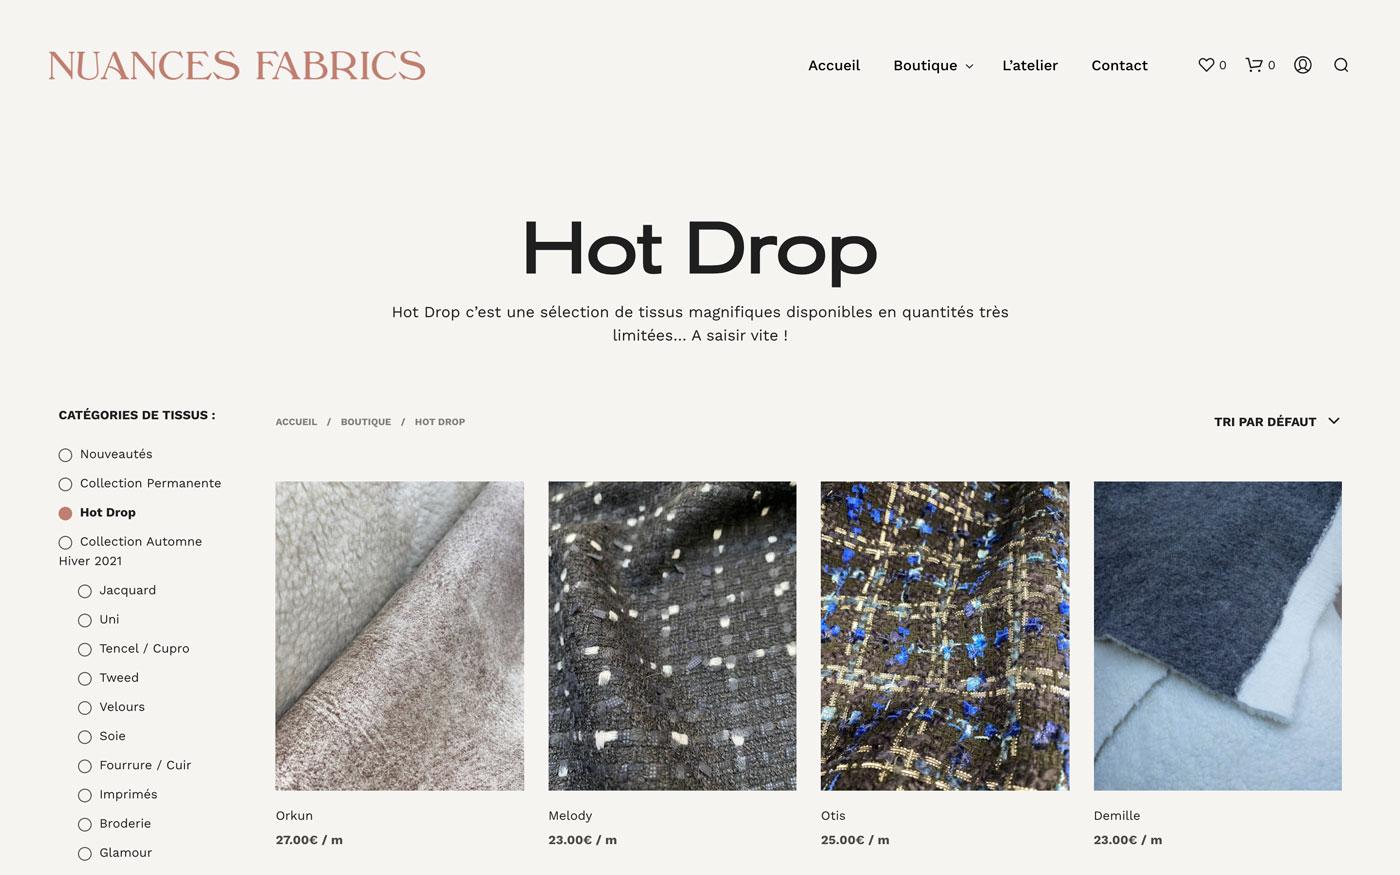 Nuances Fabrics - page boutique site e-commerce vente de tissus en ligne créé par Jean Le Roy développeur à Biarritz, mise en page par Jean Le Roy